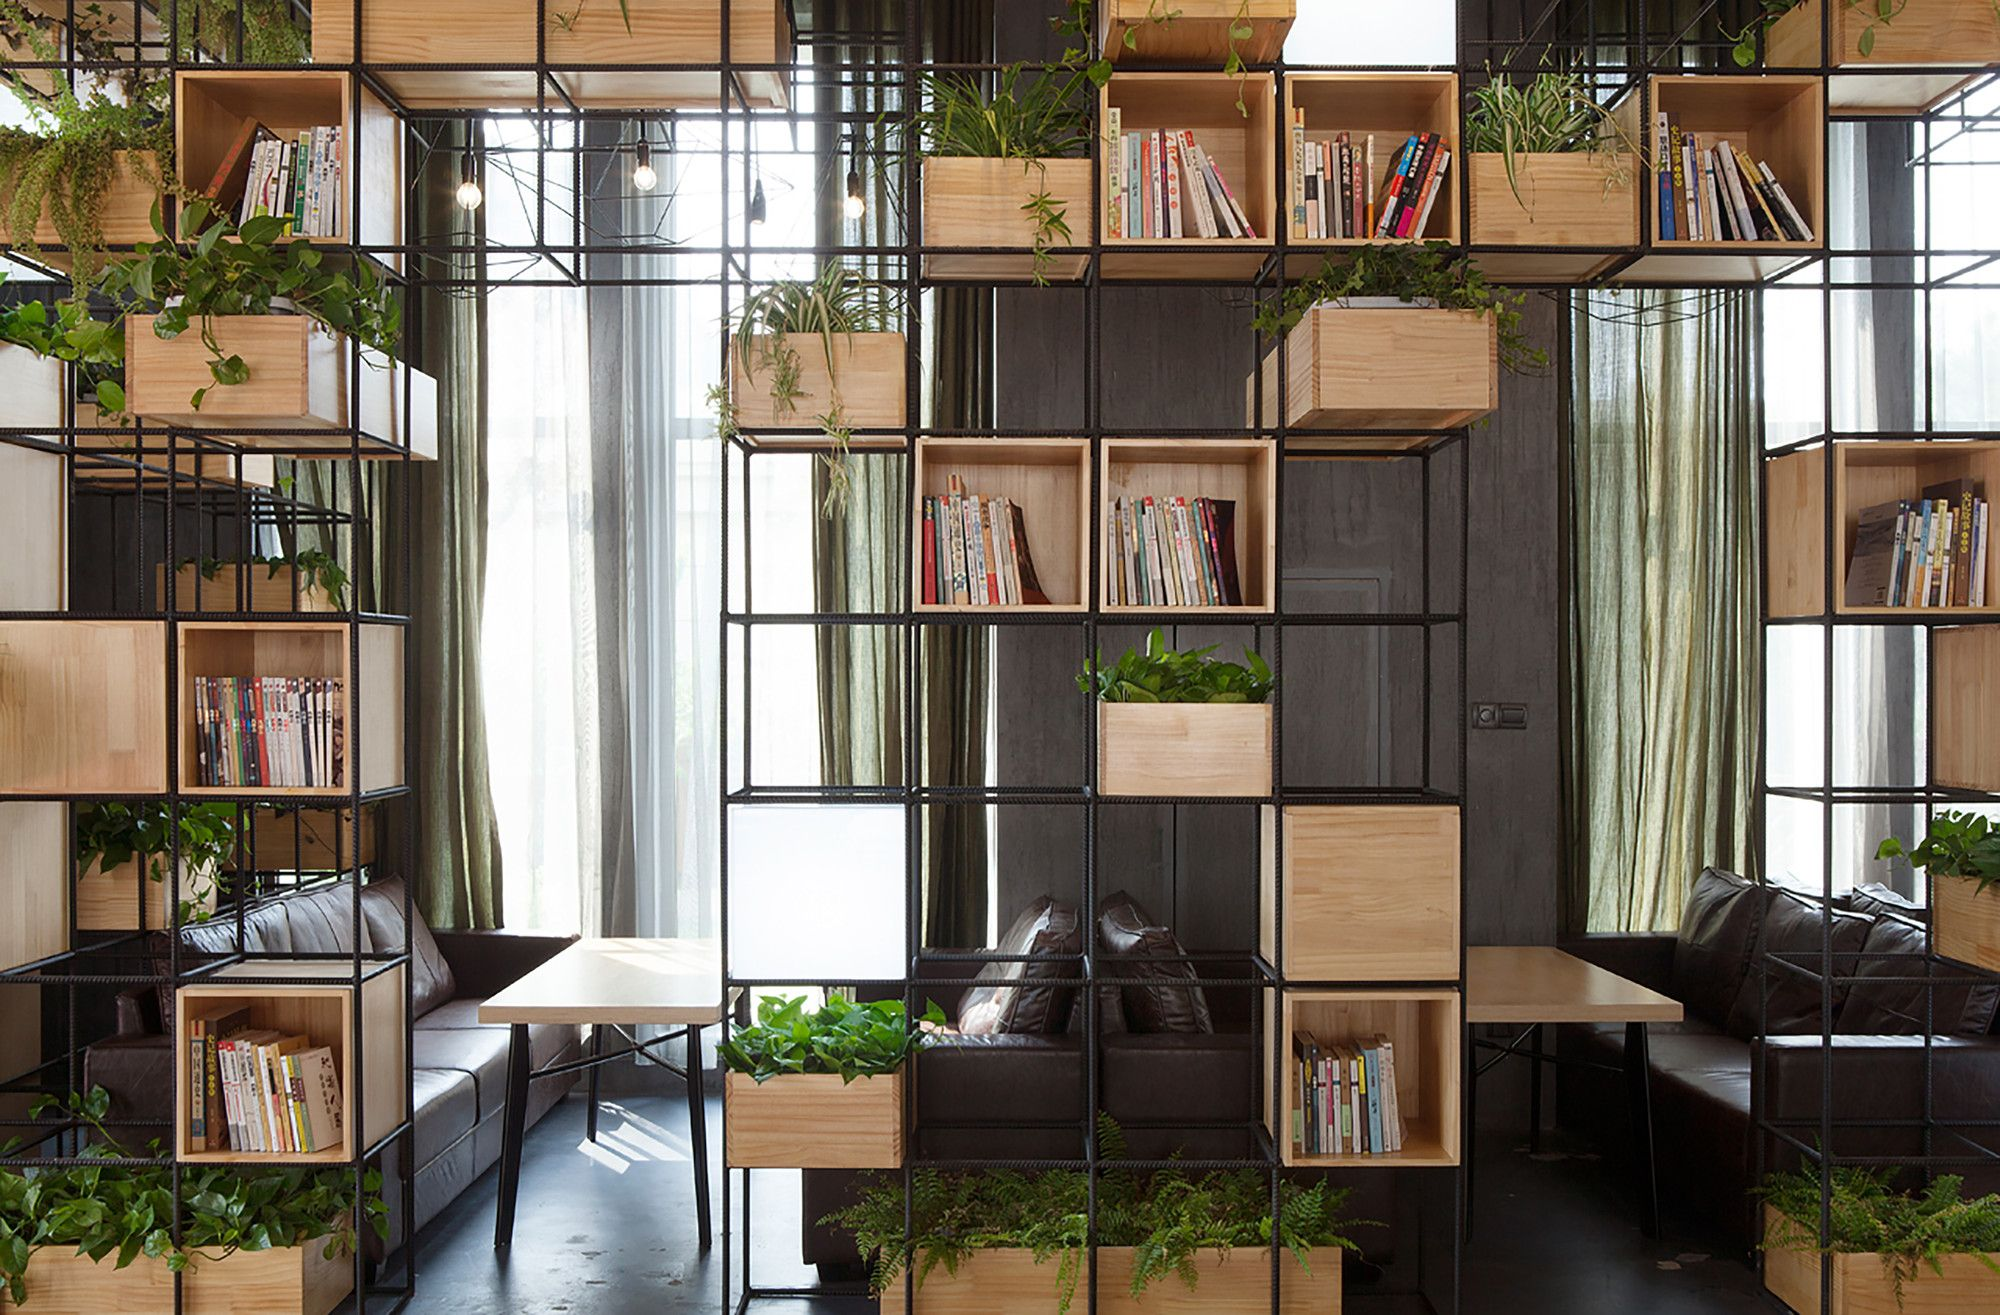 Gallery Of Home Cafes Penda 19 Home Cafe Cafe Interior Design Home cafe room design